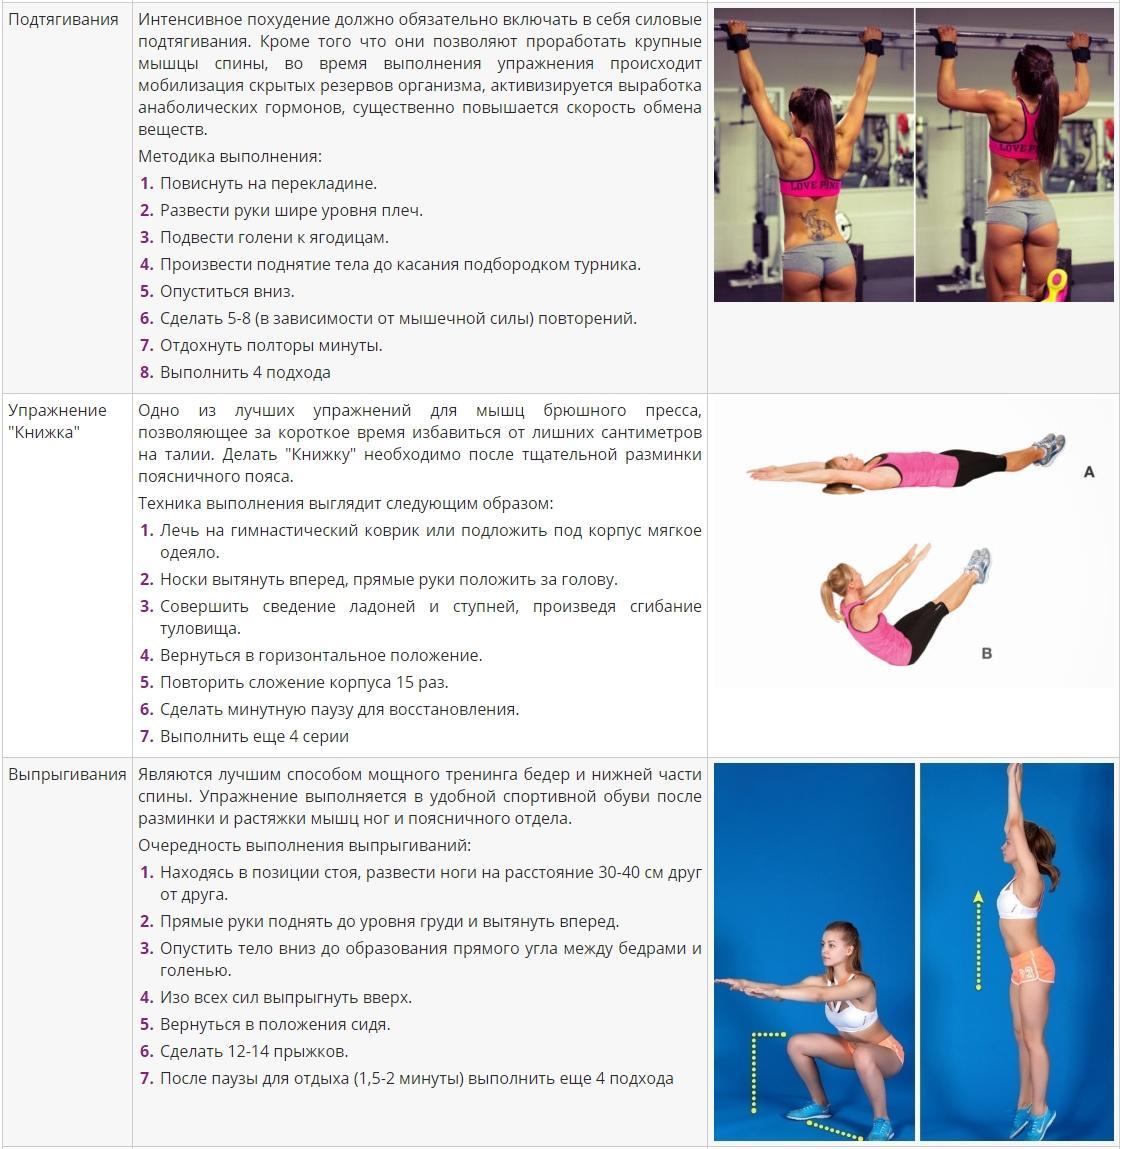 Комплекс эффективных упражнений для похудения дома 2